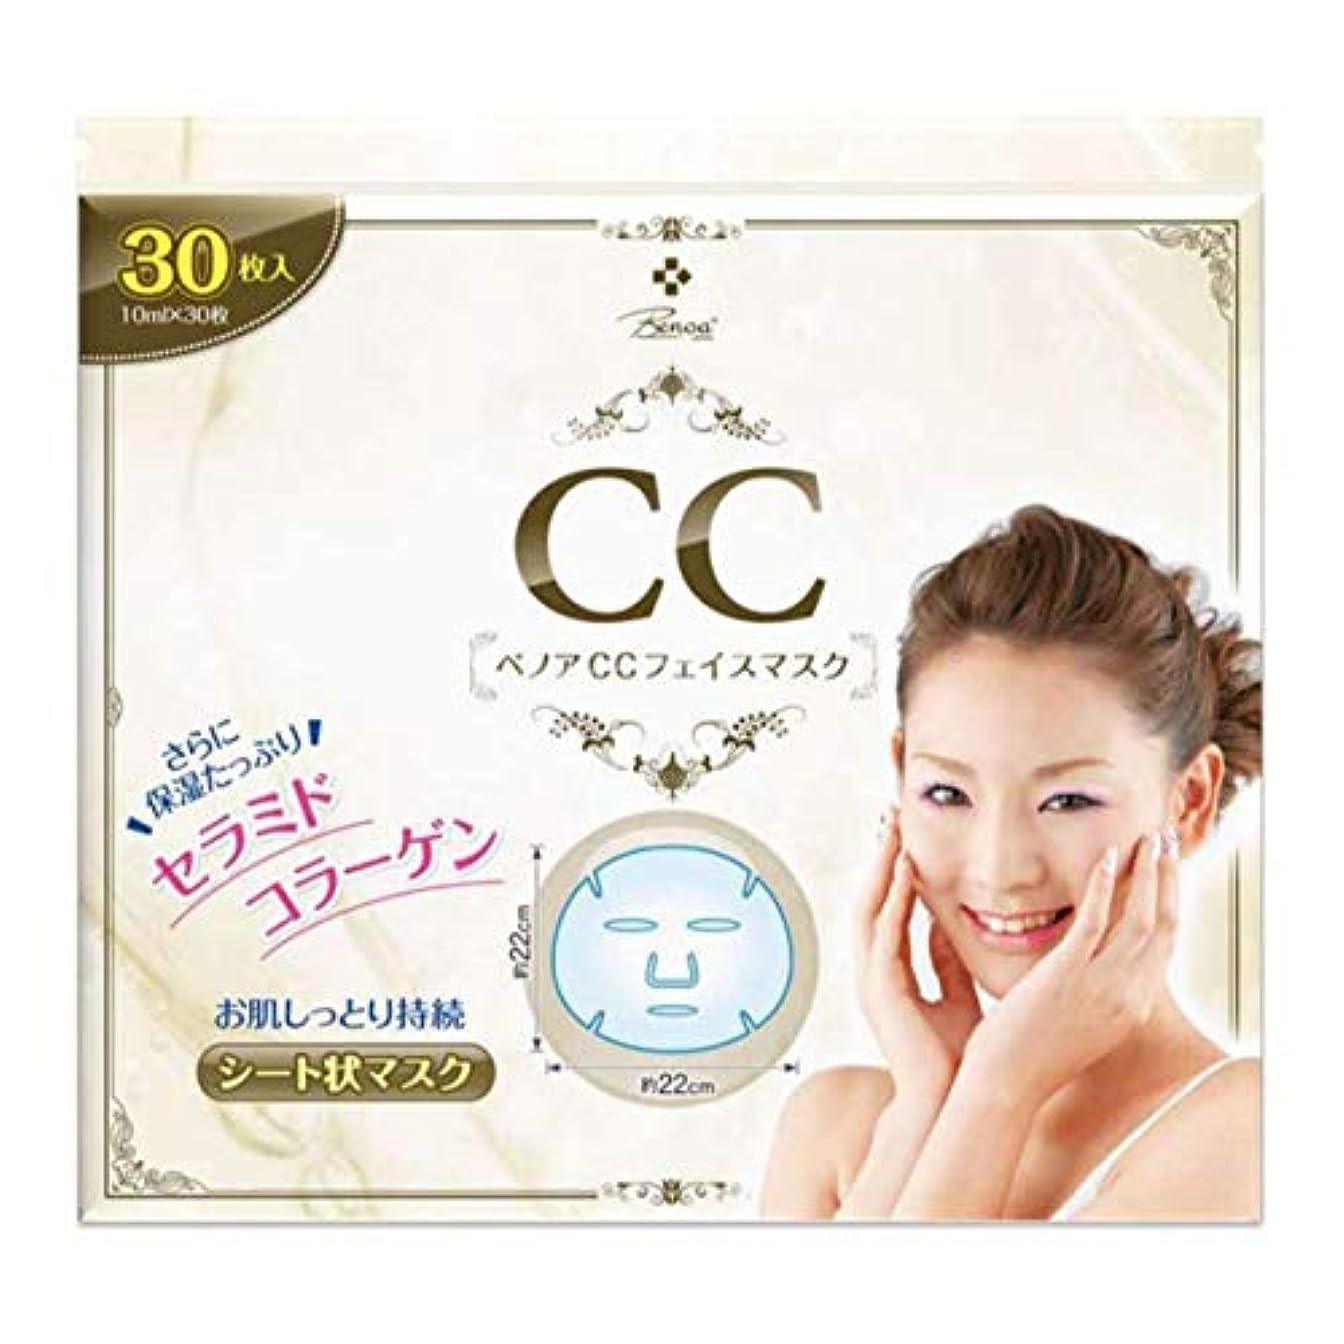 唯一歩道オーラル人気の韓国コスメ 化粧品 ベノア CCフェイスマスク 保湿成分たっぷりのセラミドコラーゲン カタツムリエキス配合 大容量30枚入り お肌しっとり持続 シート状マスク 内容量:300ml(10ml×30枚入り)